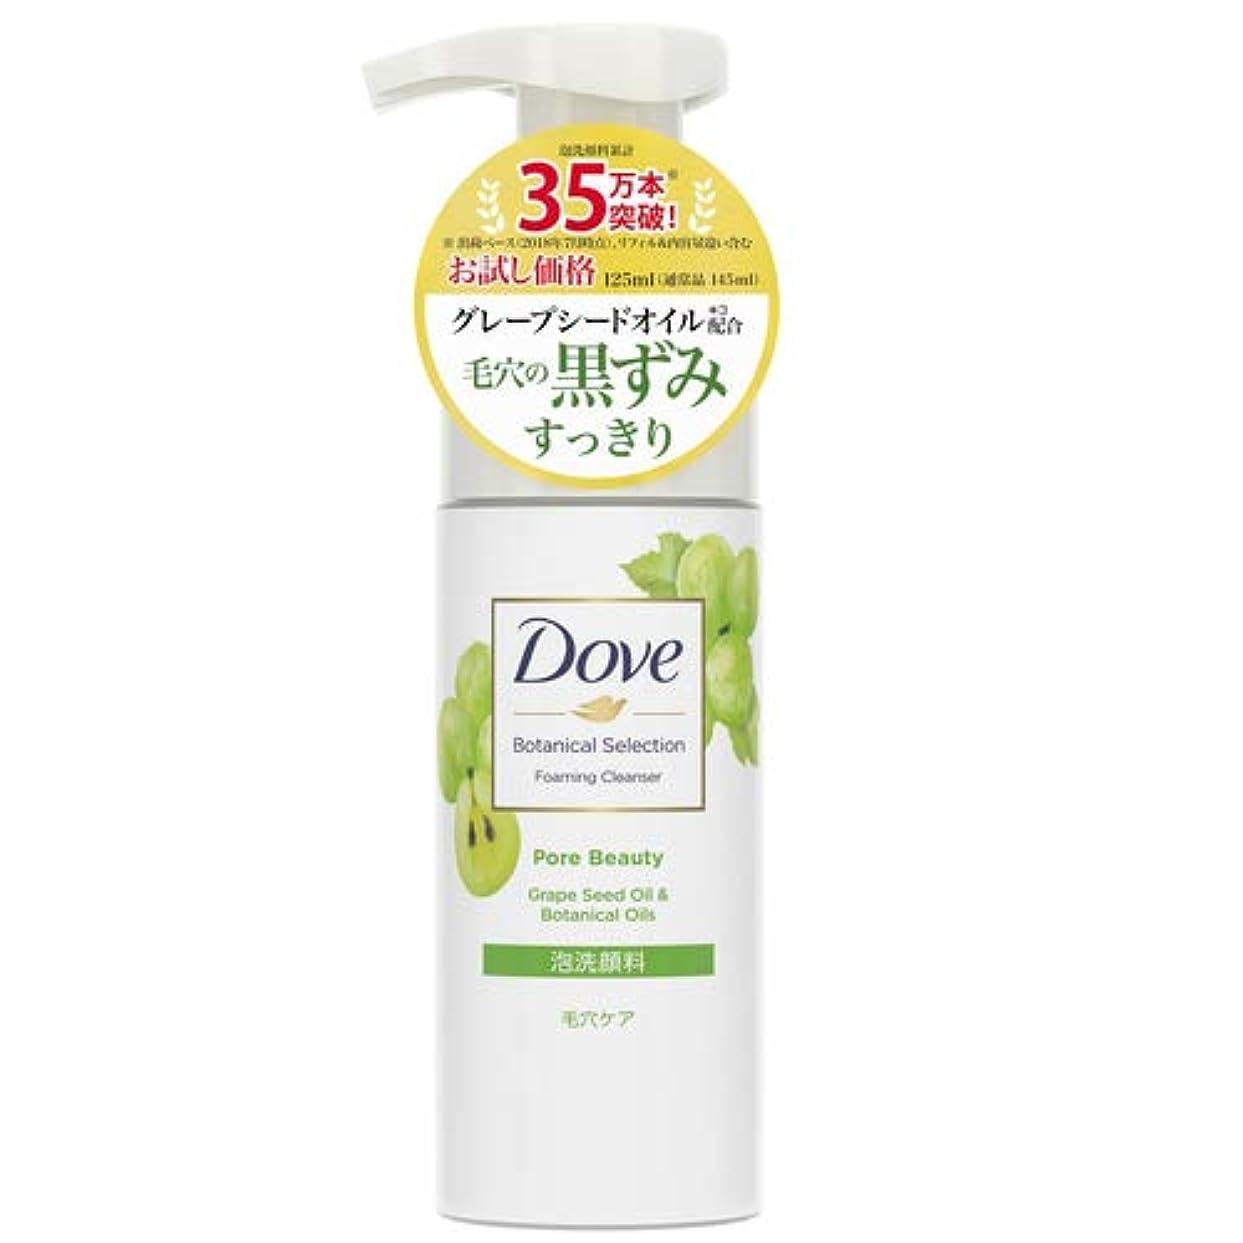 脚本そしてブラケットDove(ダヴ) ダヴBポアビューティー泡洗顔お試し価格品125ML